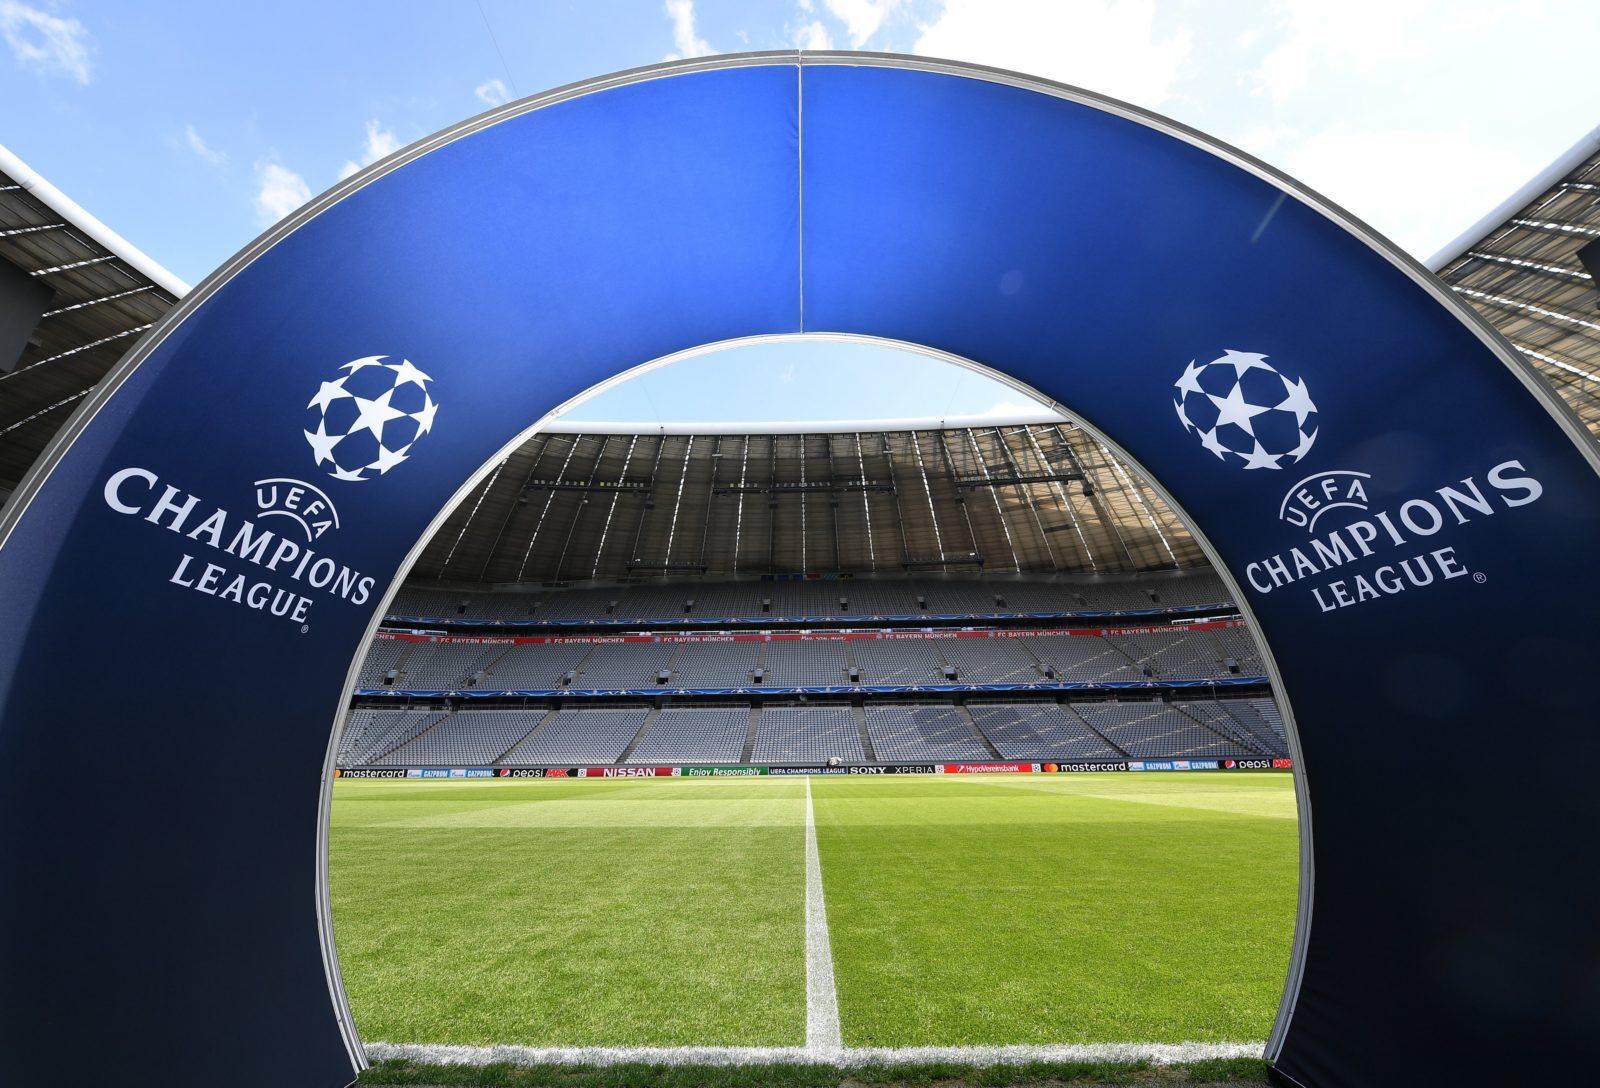 Champions League 2021 Tv Heute